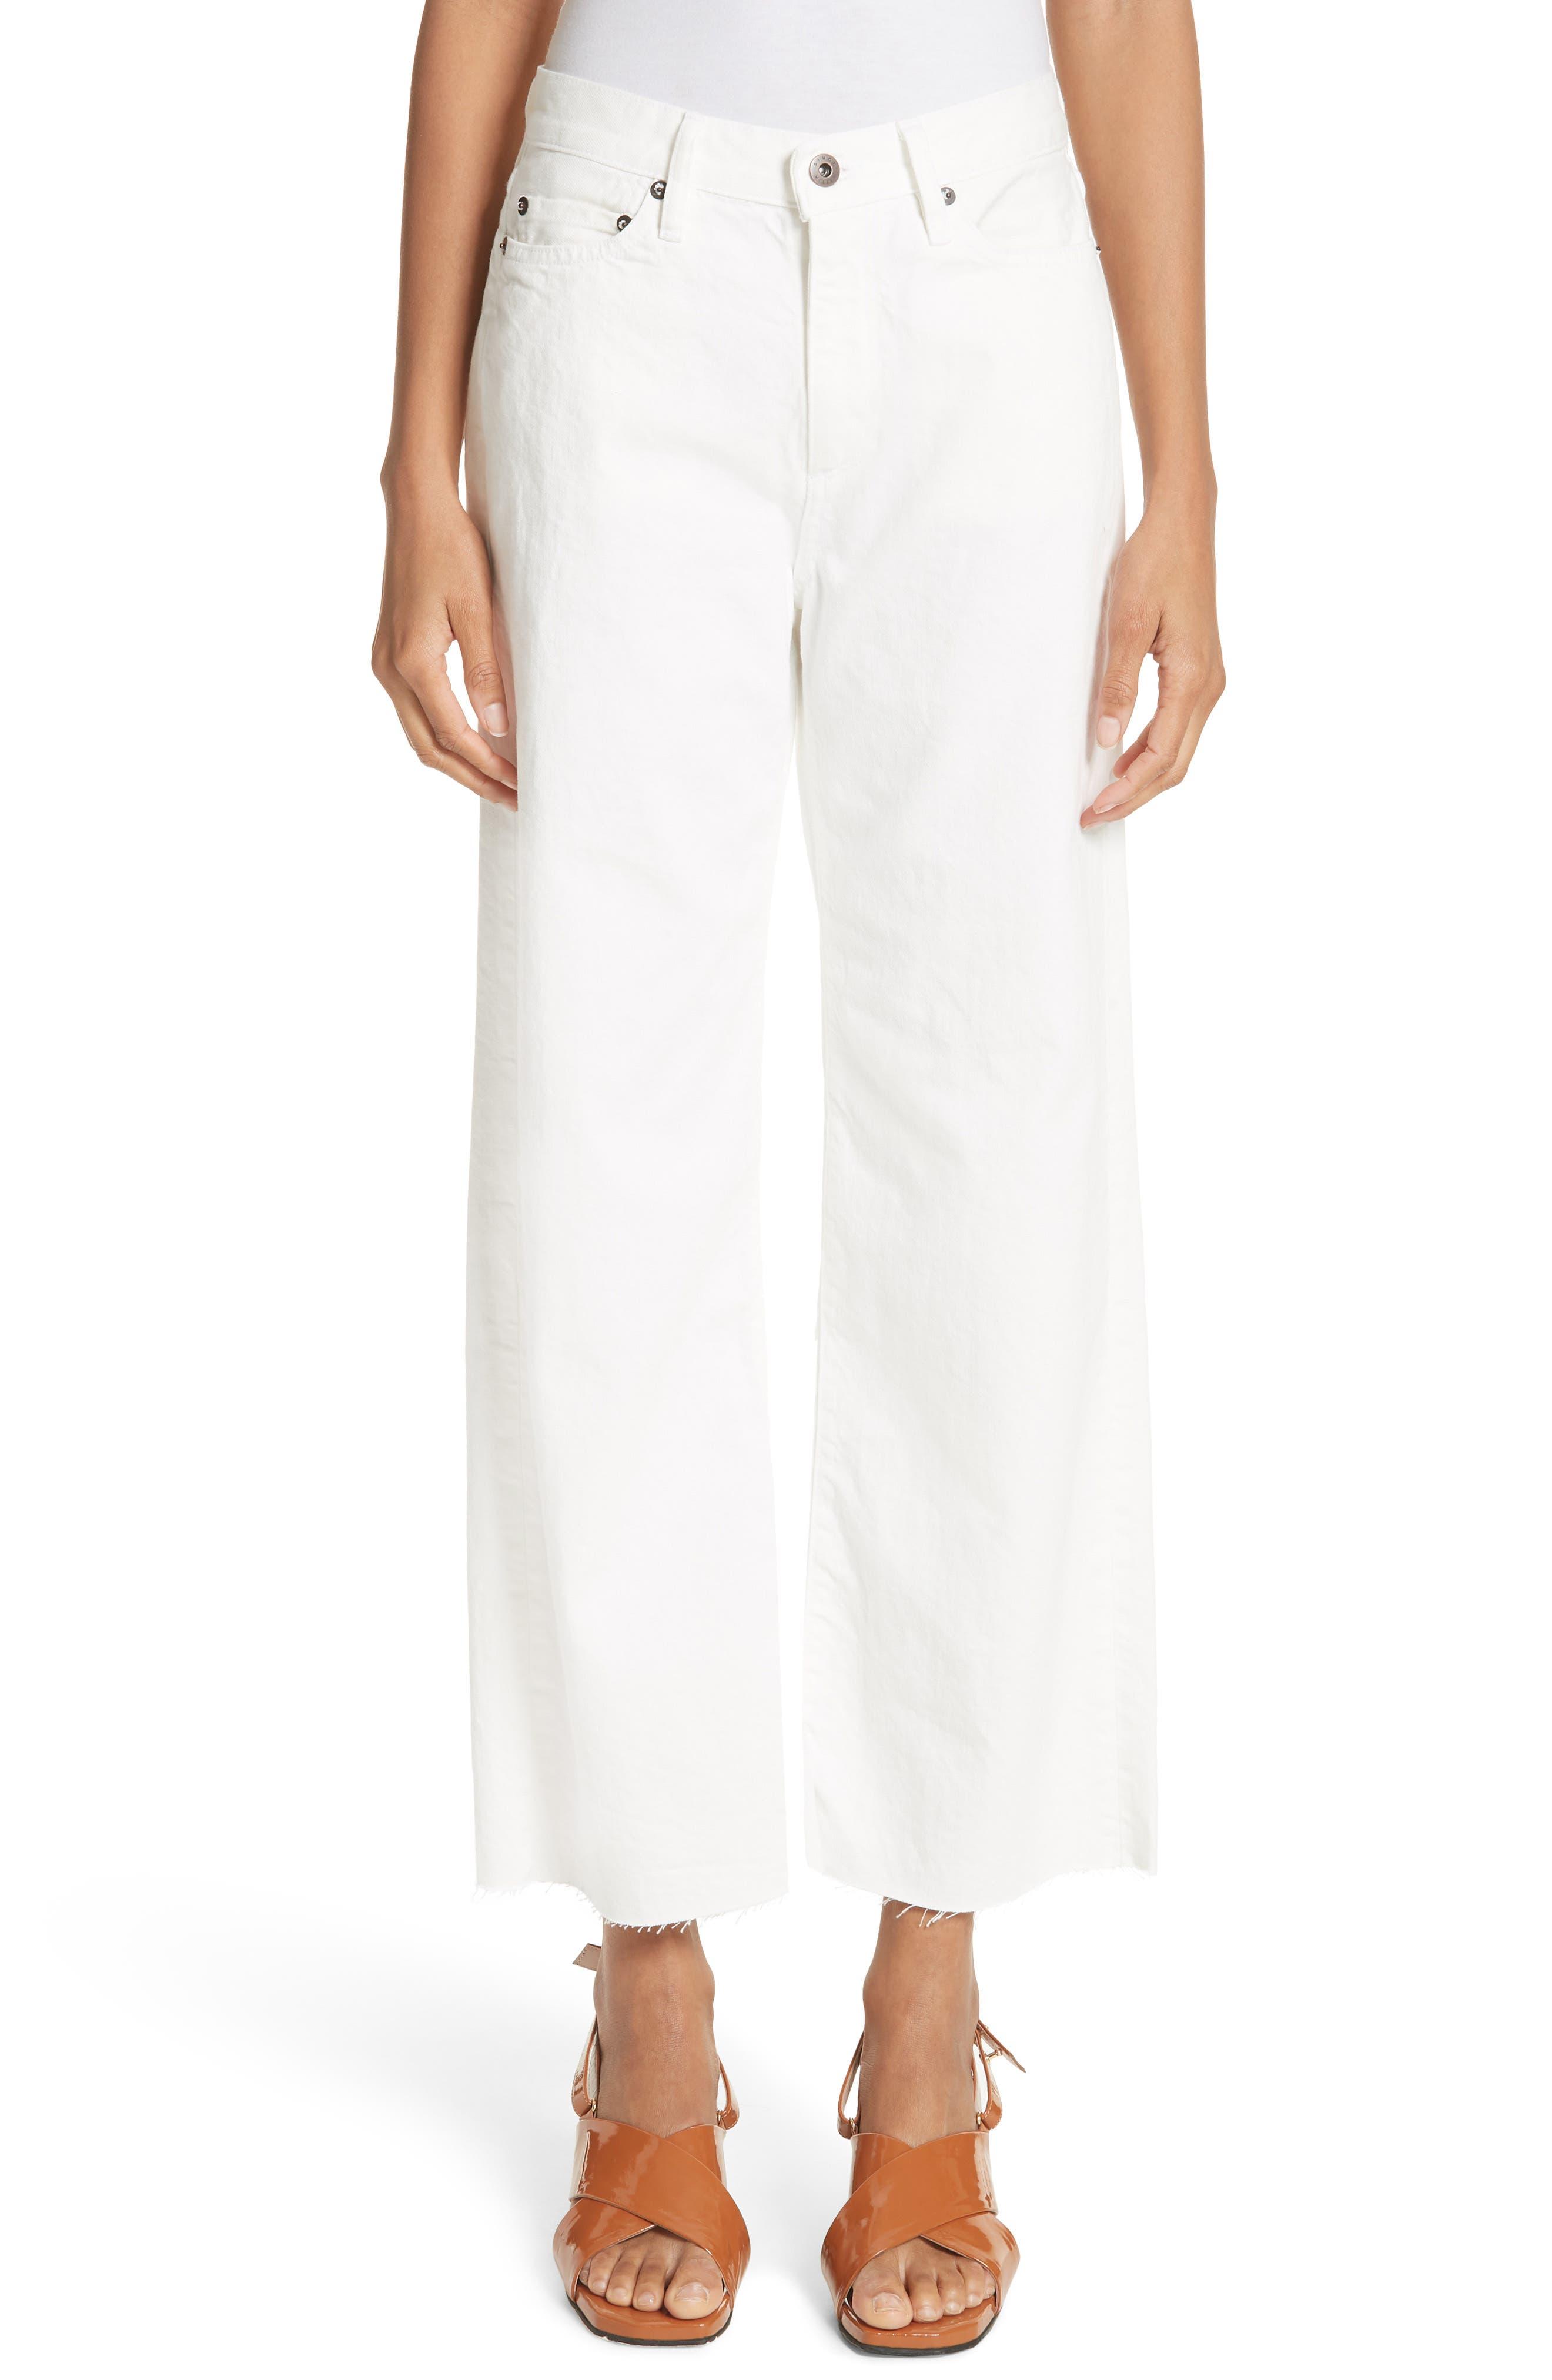 Lamere Wide Leg Crop Jeans,                             Main thumbnail 1, color,                             White